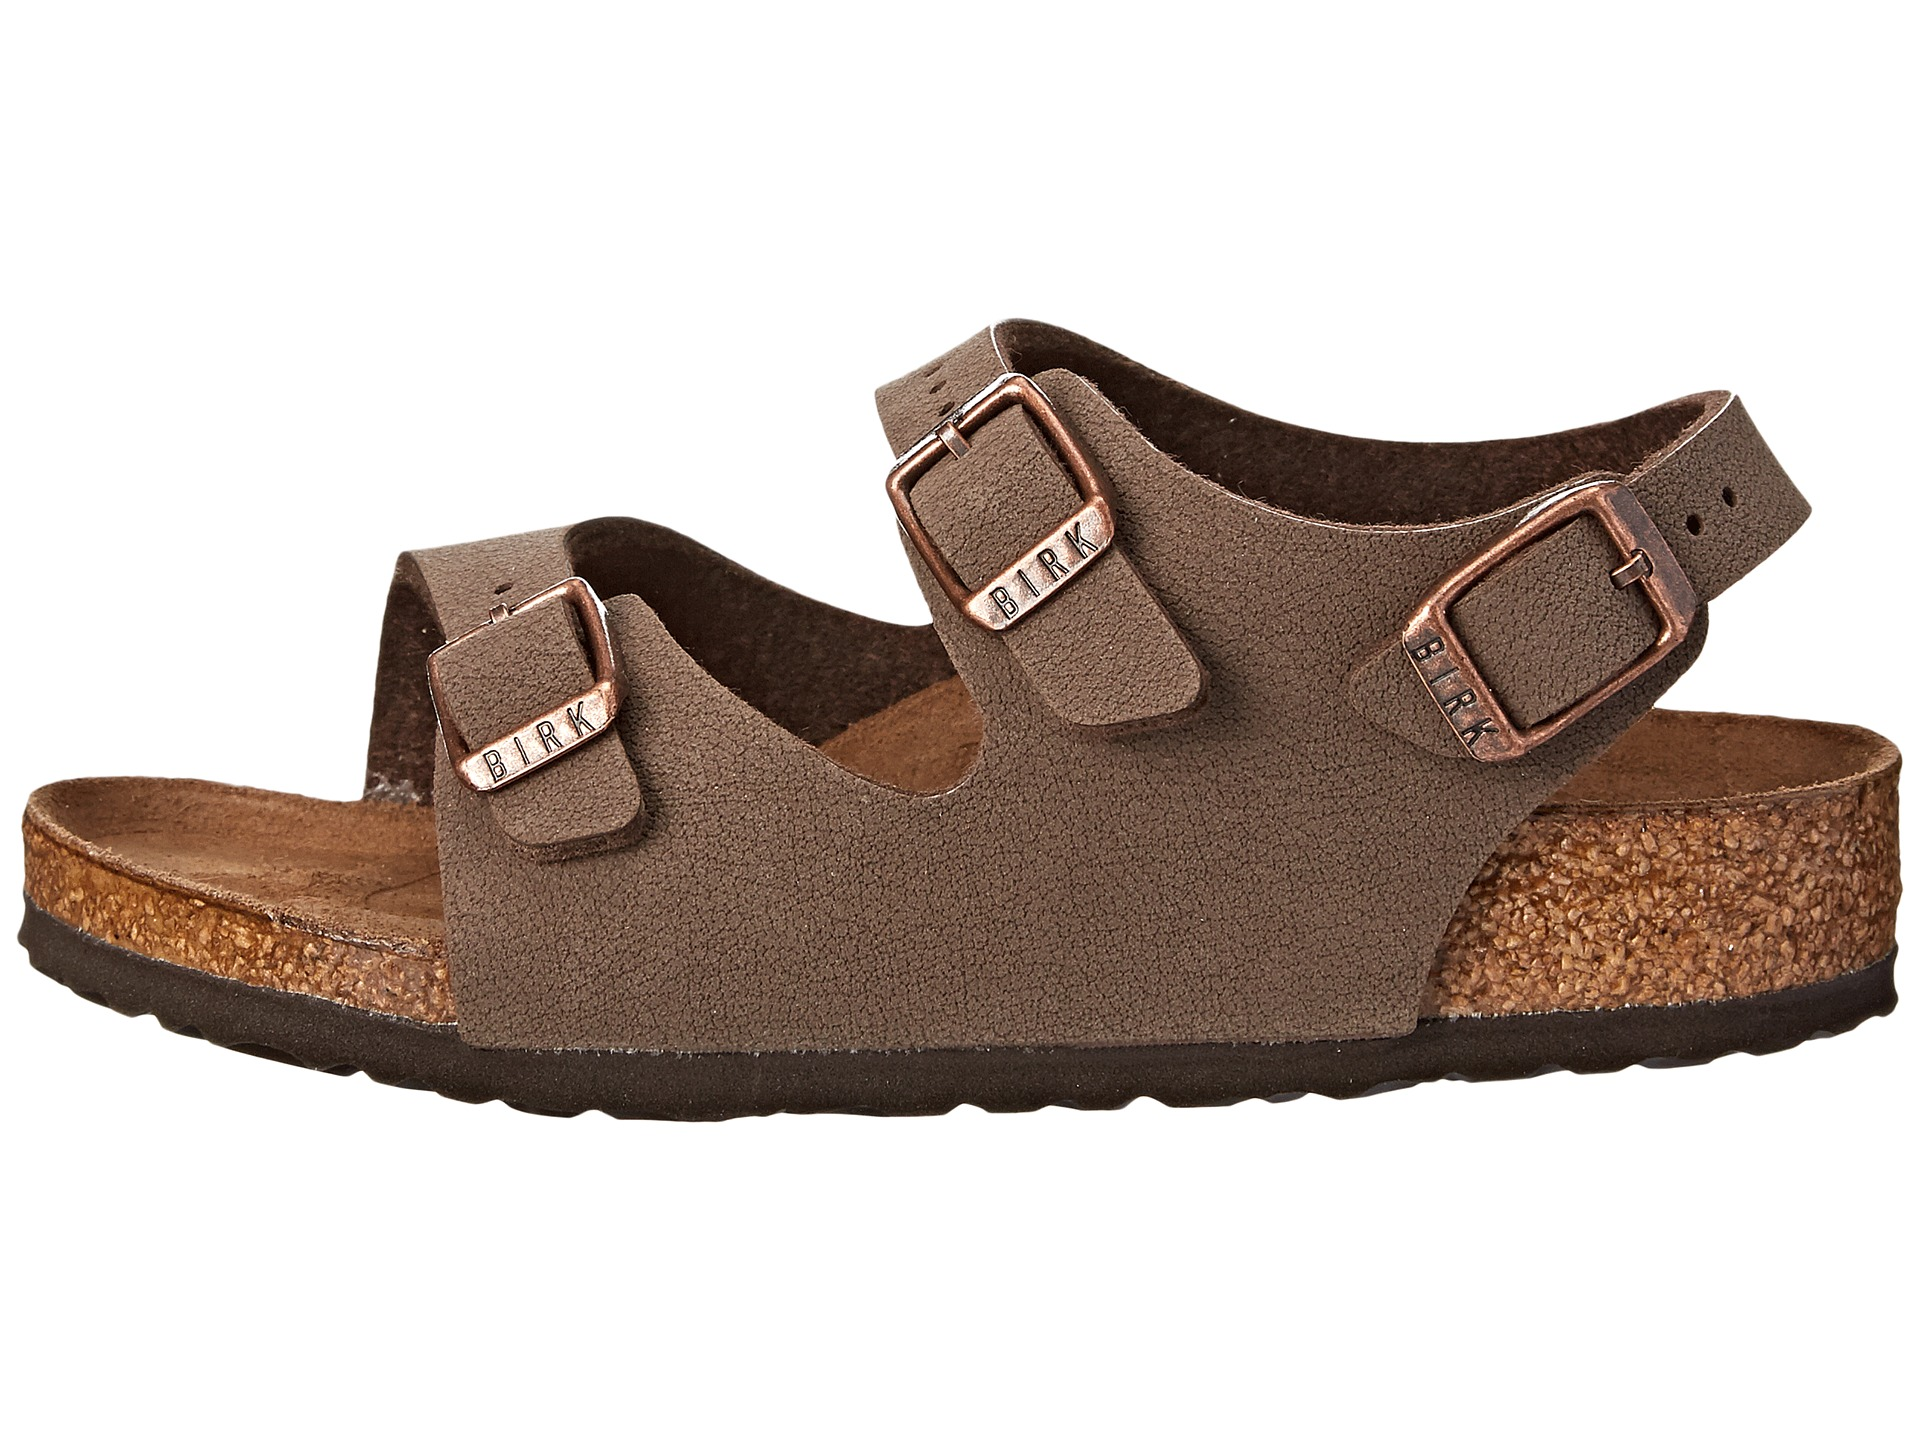 birkenstock roma sandals for big kids on sale